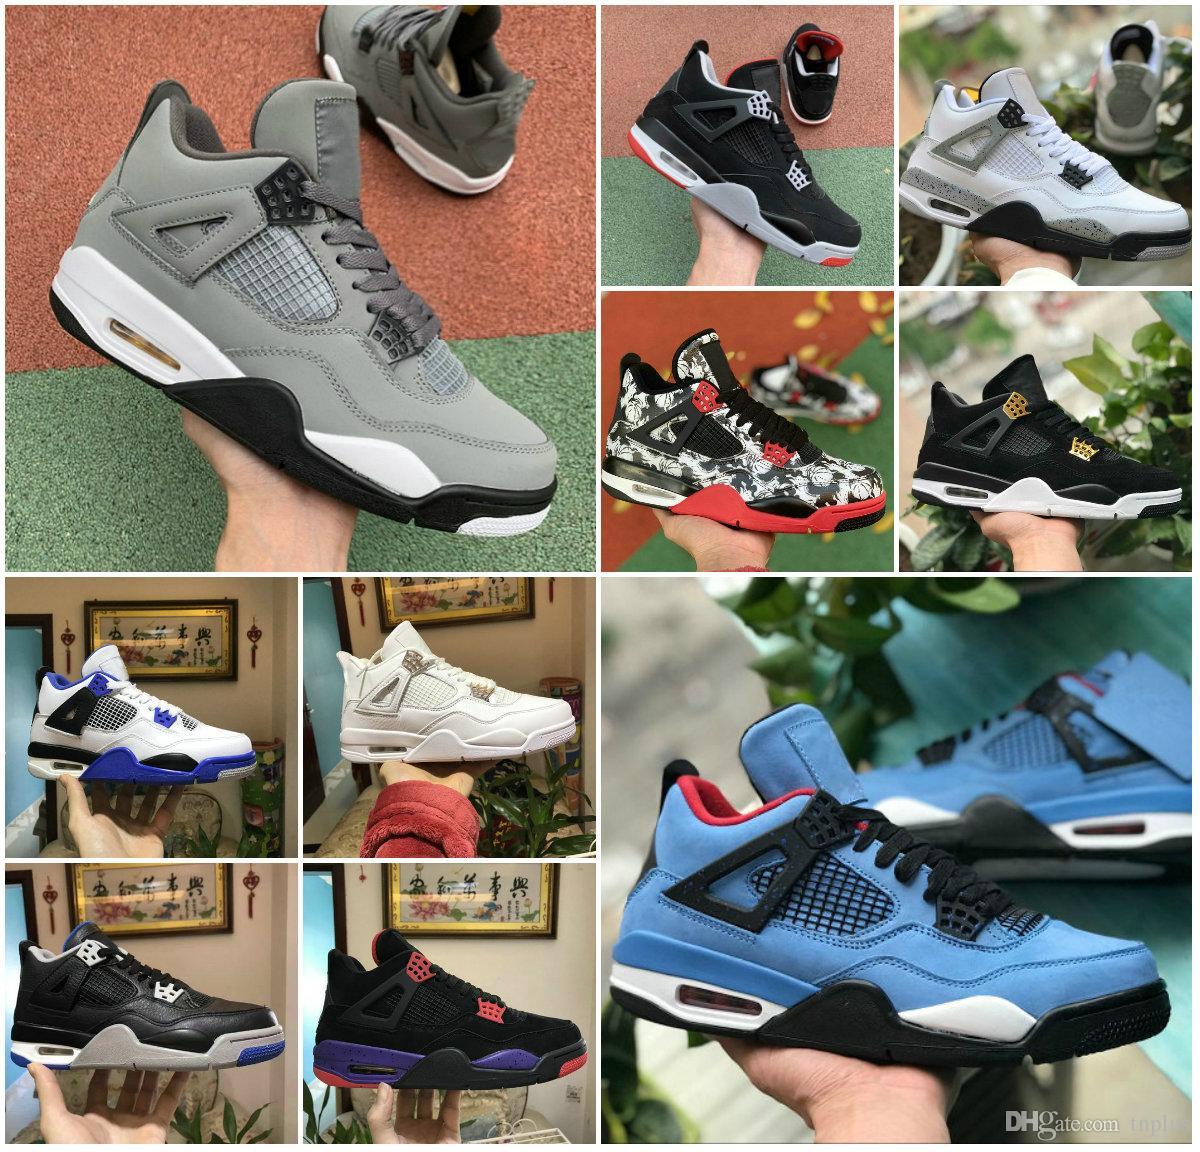 2020 yeni 4s SAF PARA Motorsport Siyah Kızılötesi NRG Raptors basketbol ayakkabıları Siyah Beyaz Çimento Graffiti Cactus Mens 4 Royalty Sneaker yetiştirilen